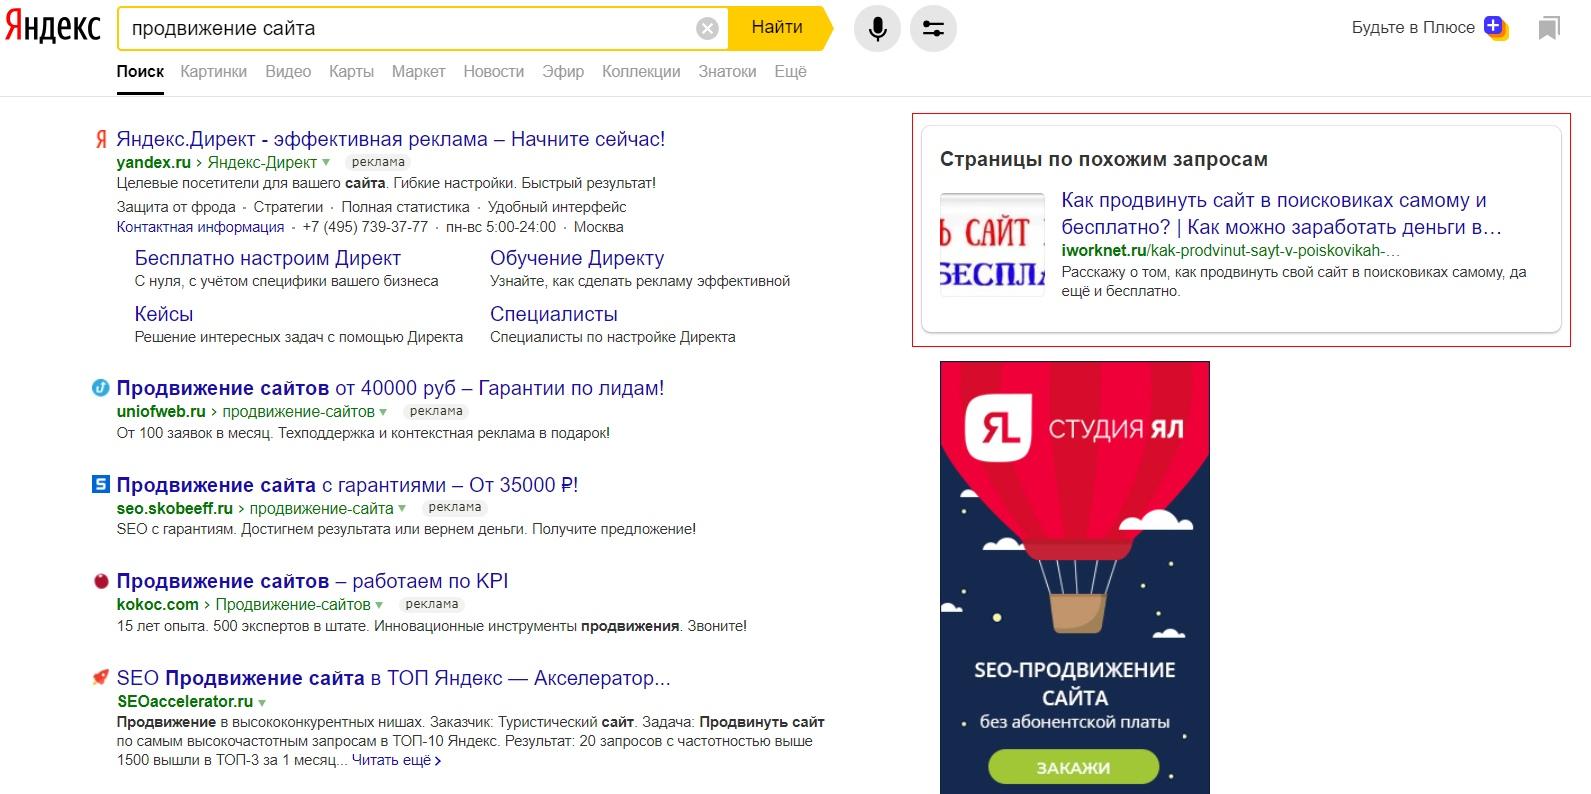 Яндекс тестирует блок «Страницы по похожим запросам»